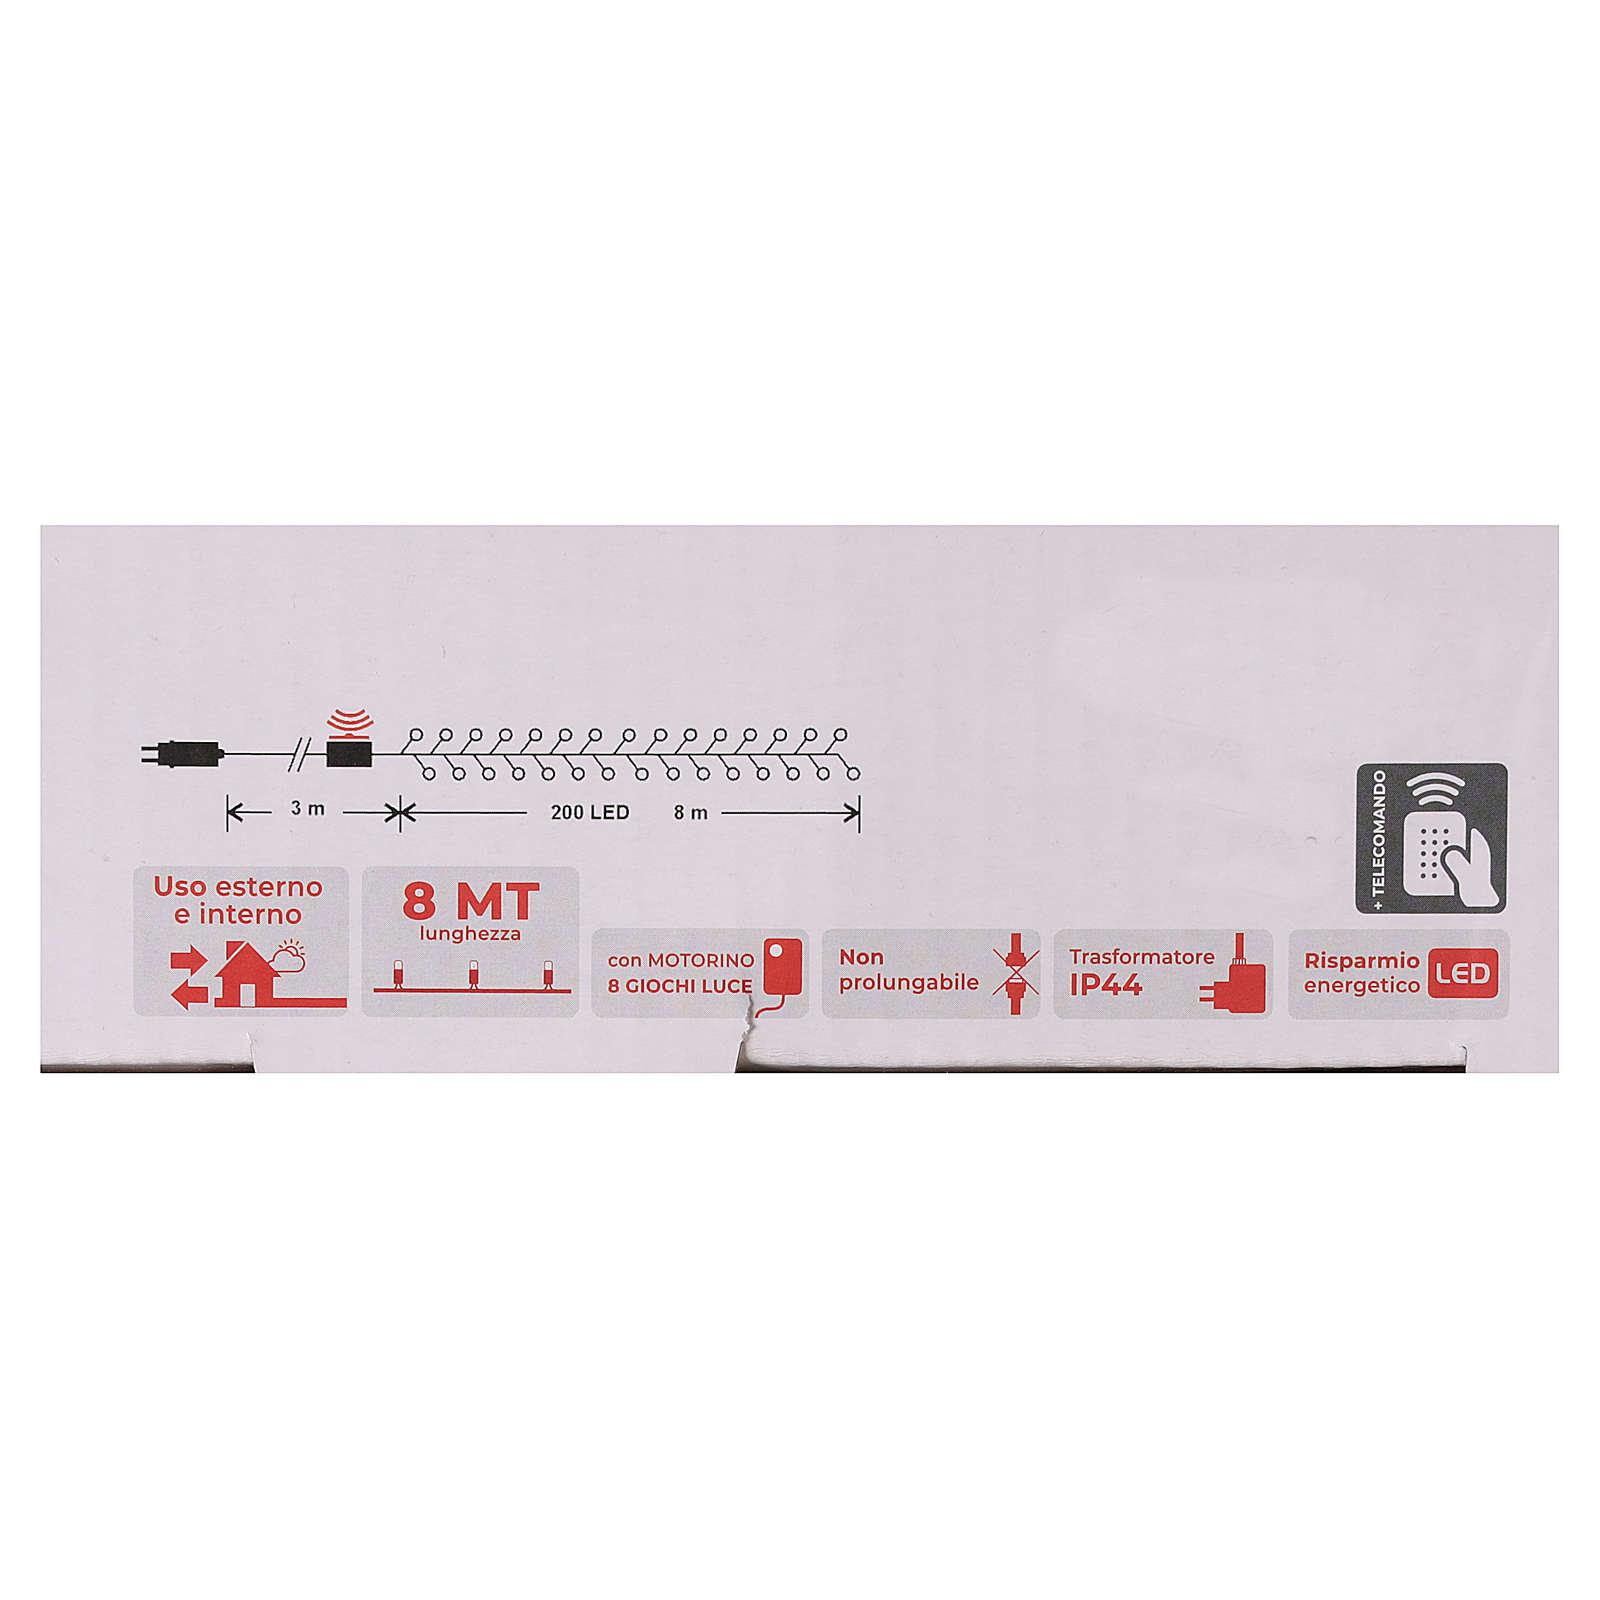 Cadena 200 led blanco cálido ambarino control remoto exterior 220V 3